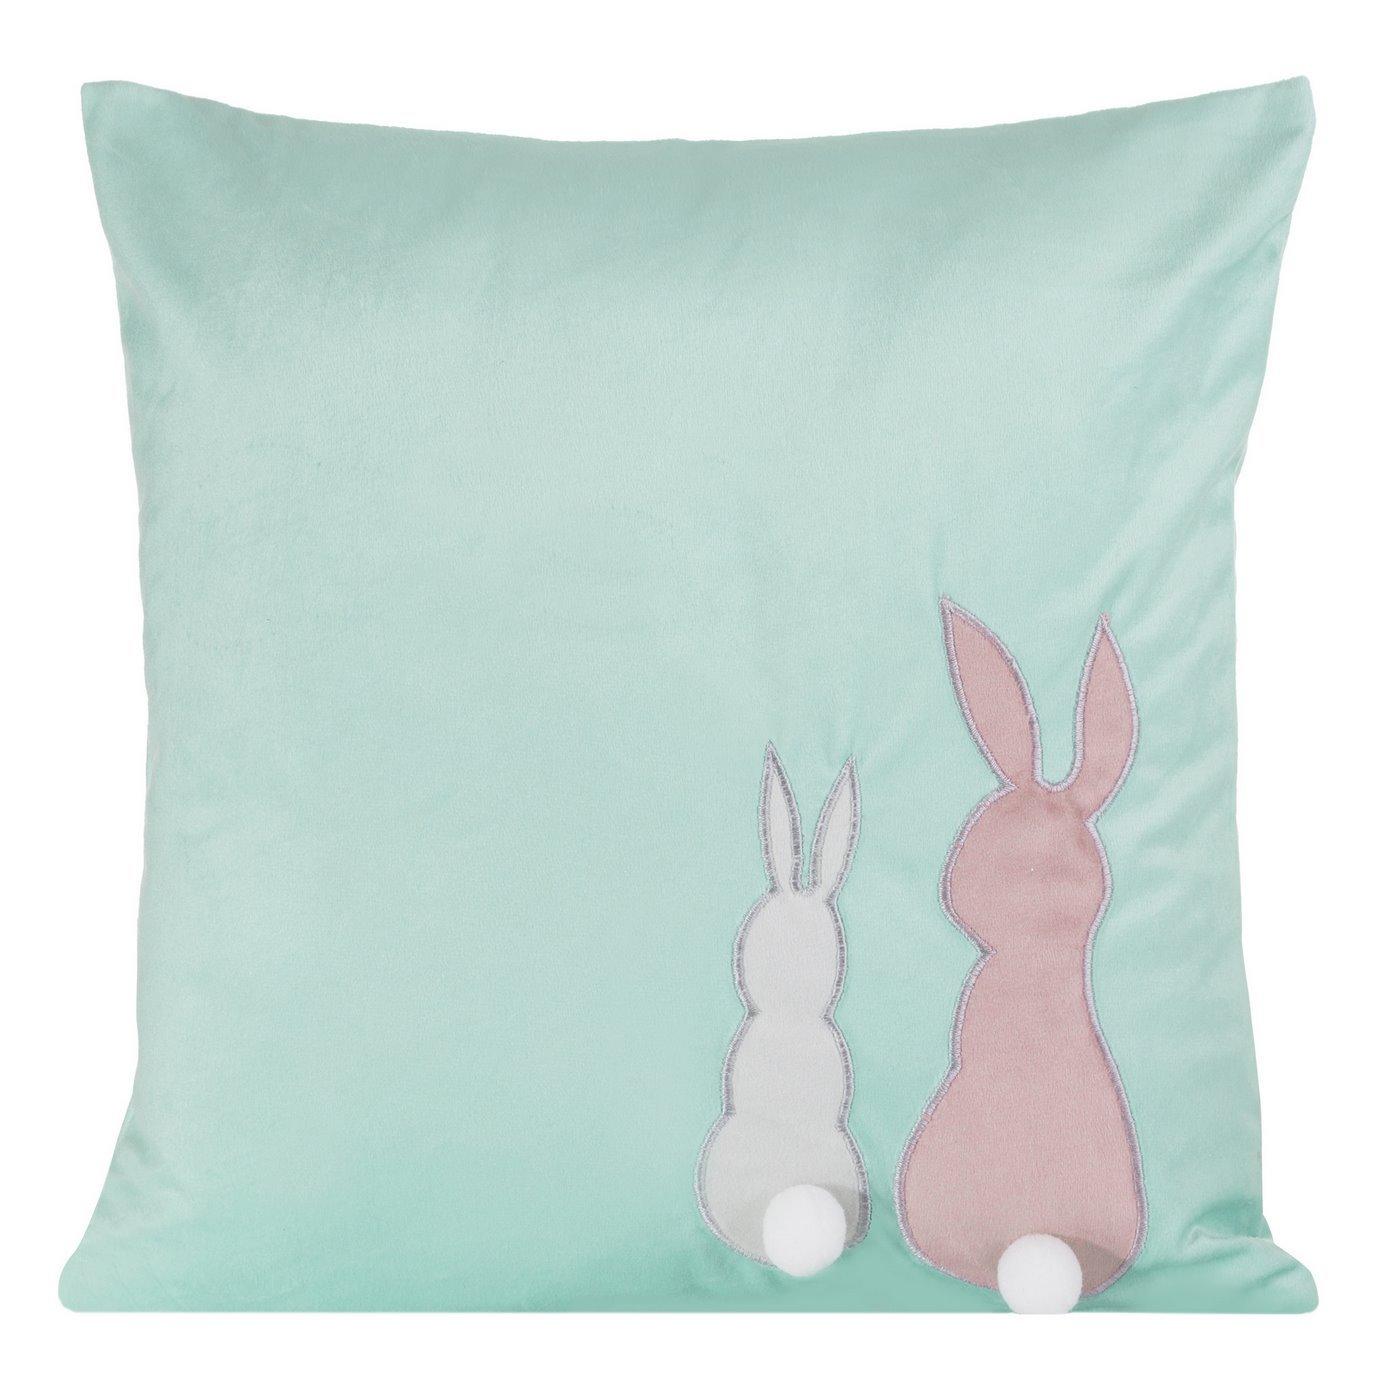 Poszewka na poduszkę miętowo-różowa z królikami 40 x 40 cm